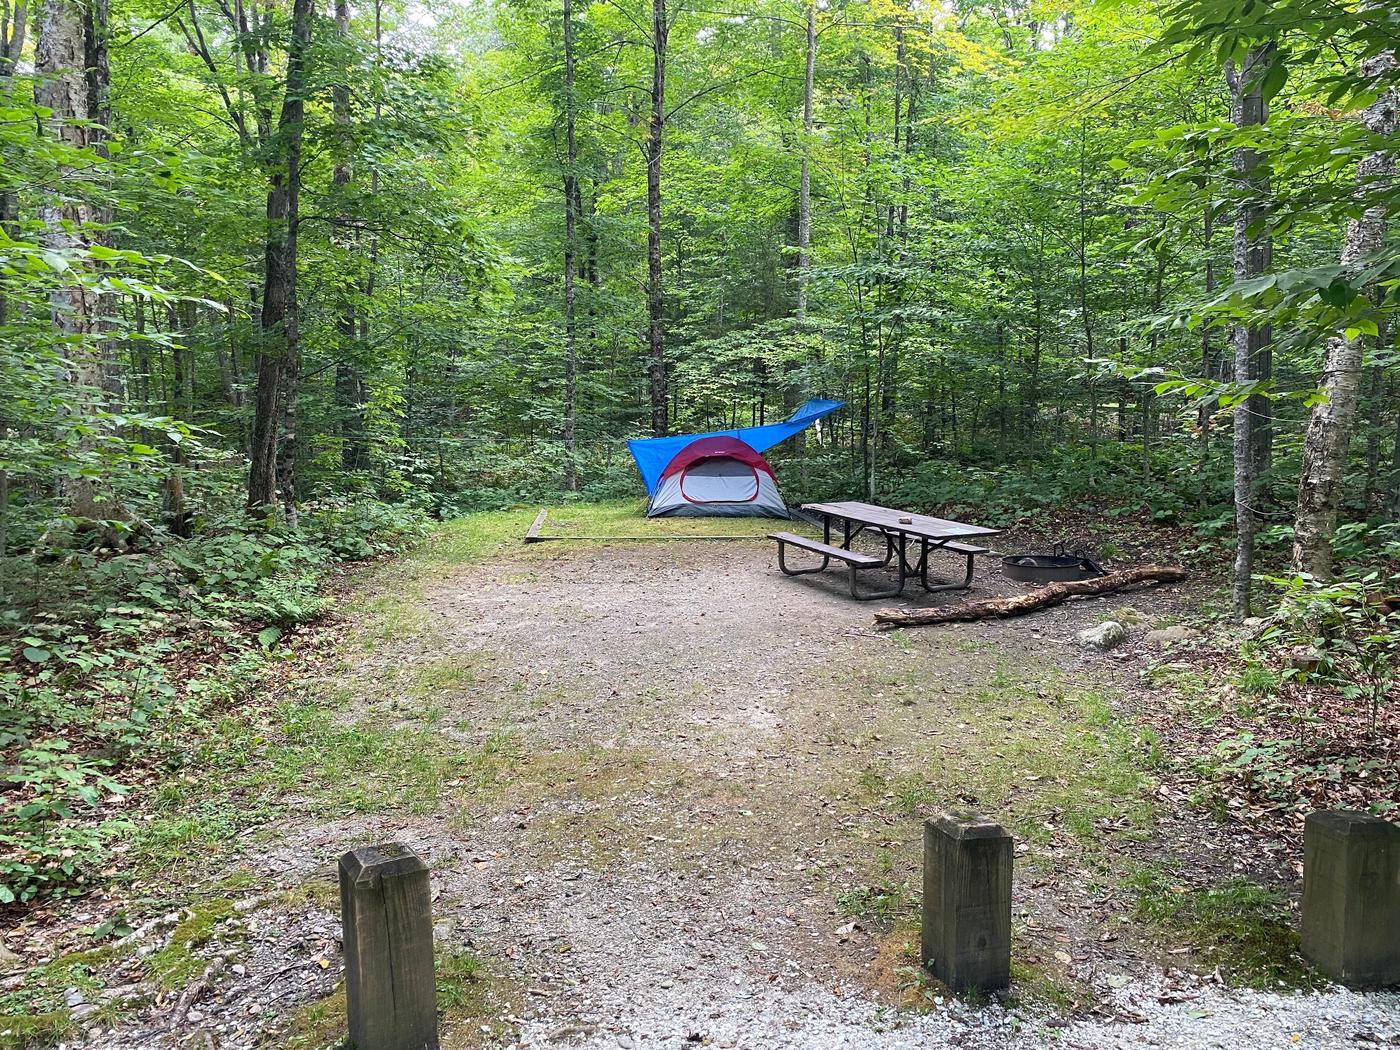 Campsite 10Site 10